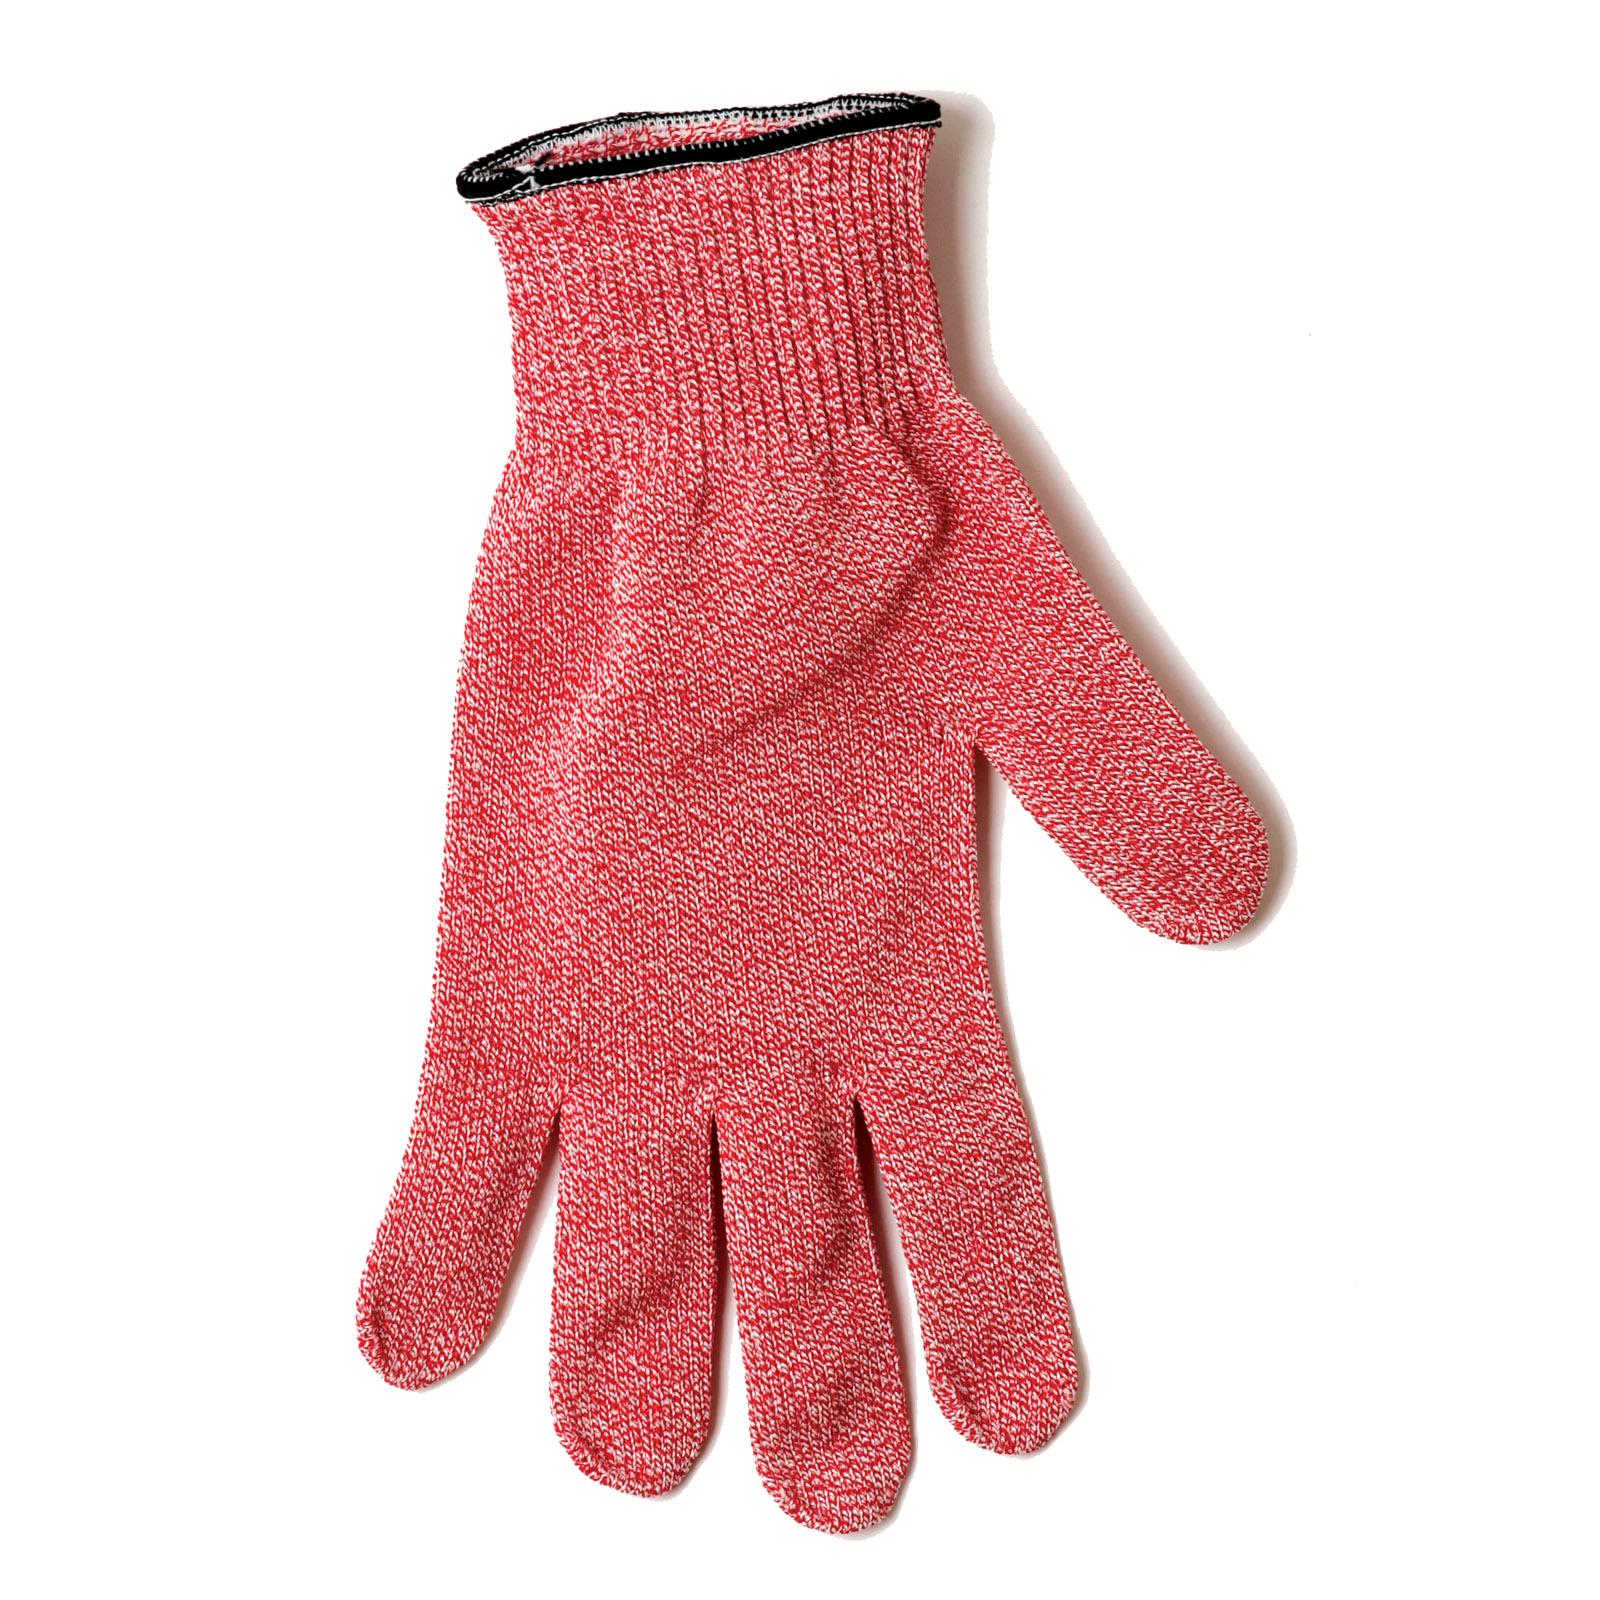 San Jamar SG10-RD-M glove, cut resistant